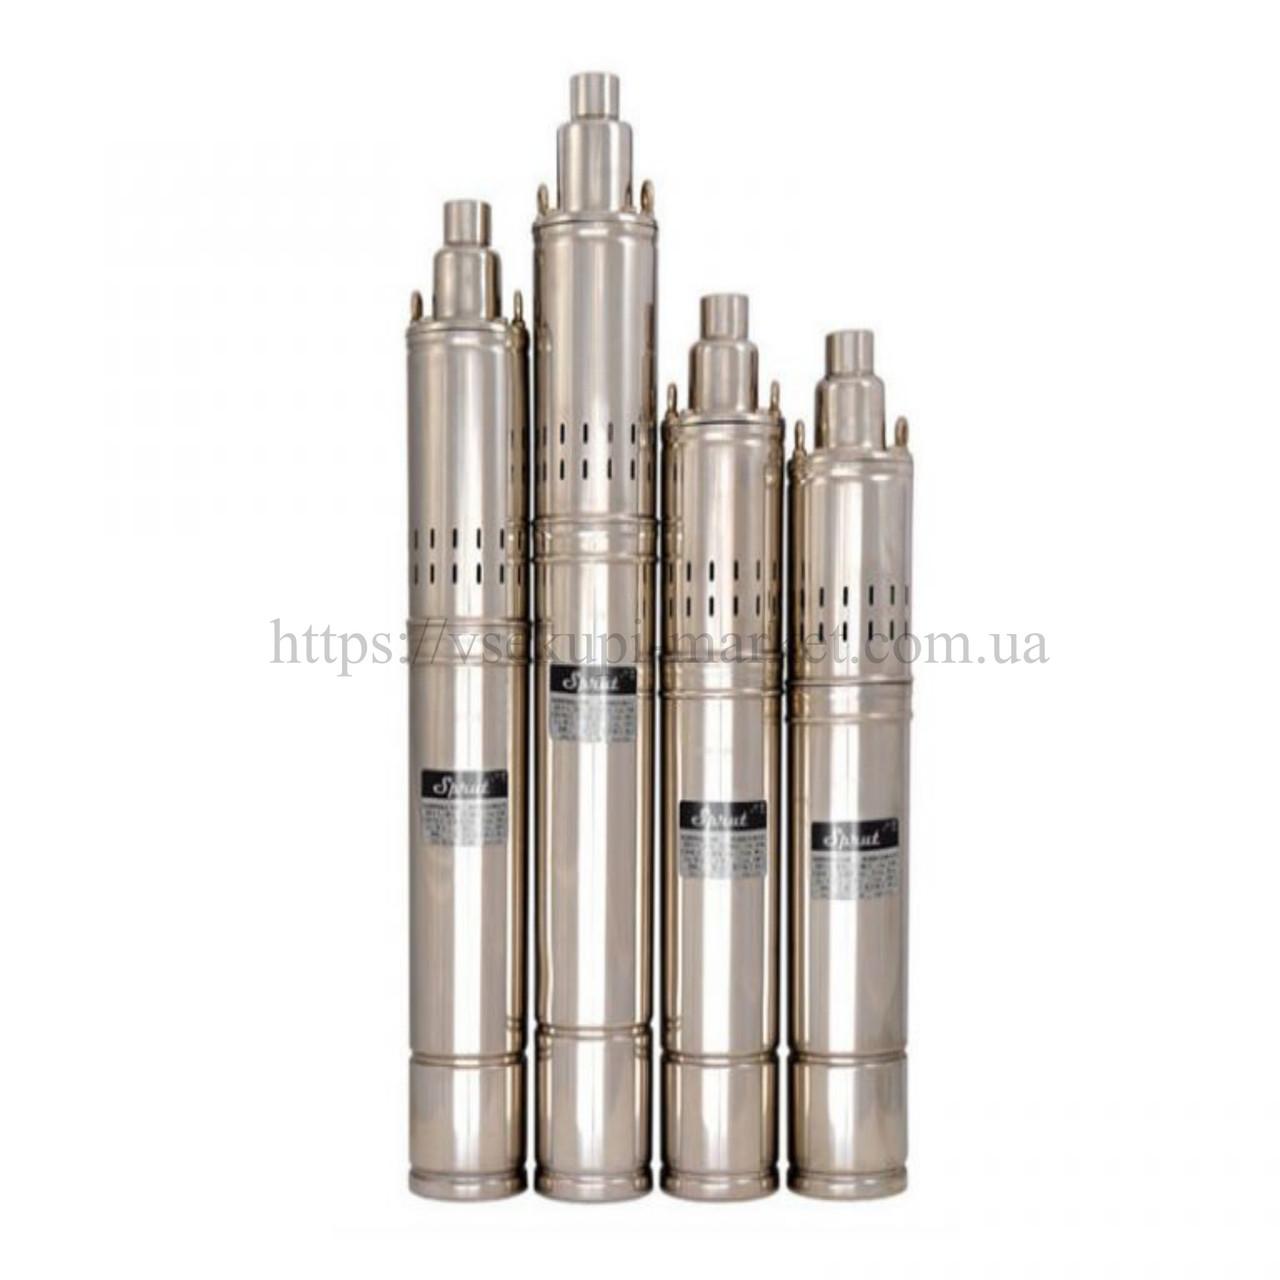 Скважинный насос SPRUT 4SQGD 1,8-100-0.75